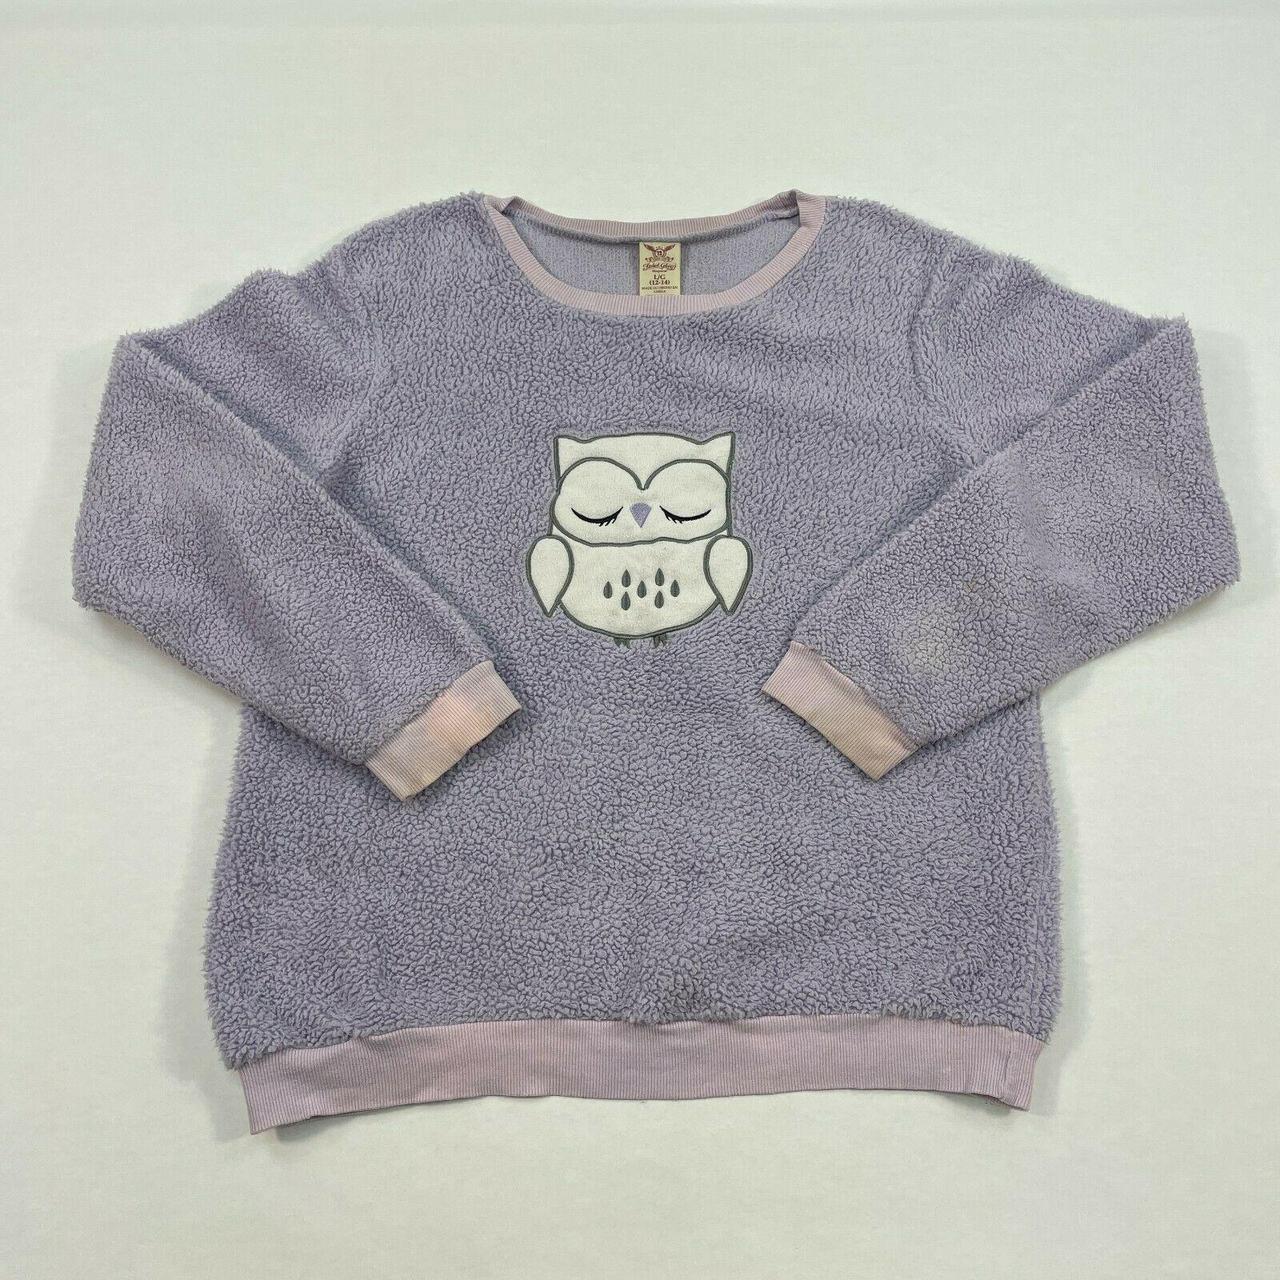 Product Image 1 - Give A Hoot Sweatshirt Sleepwear